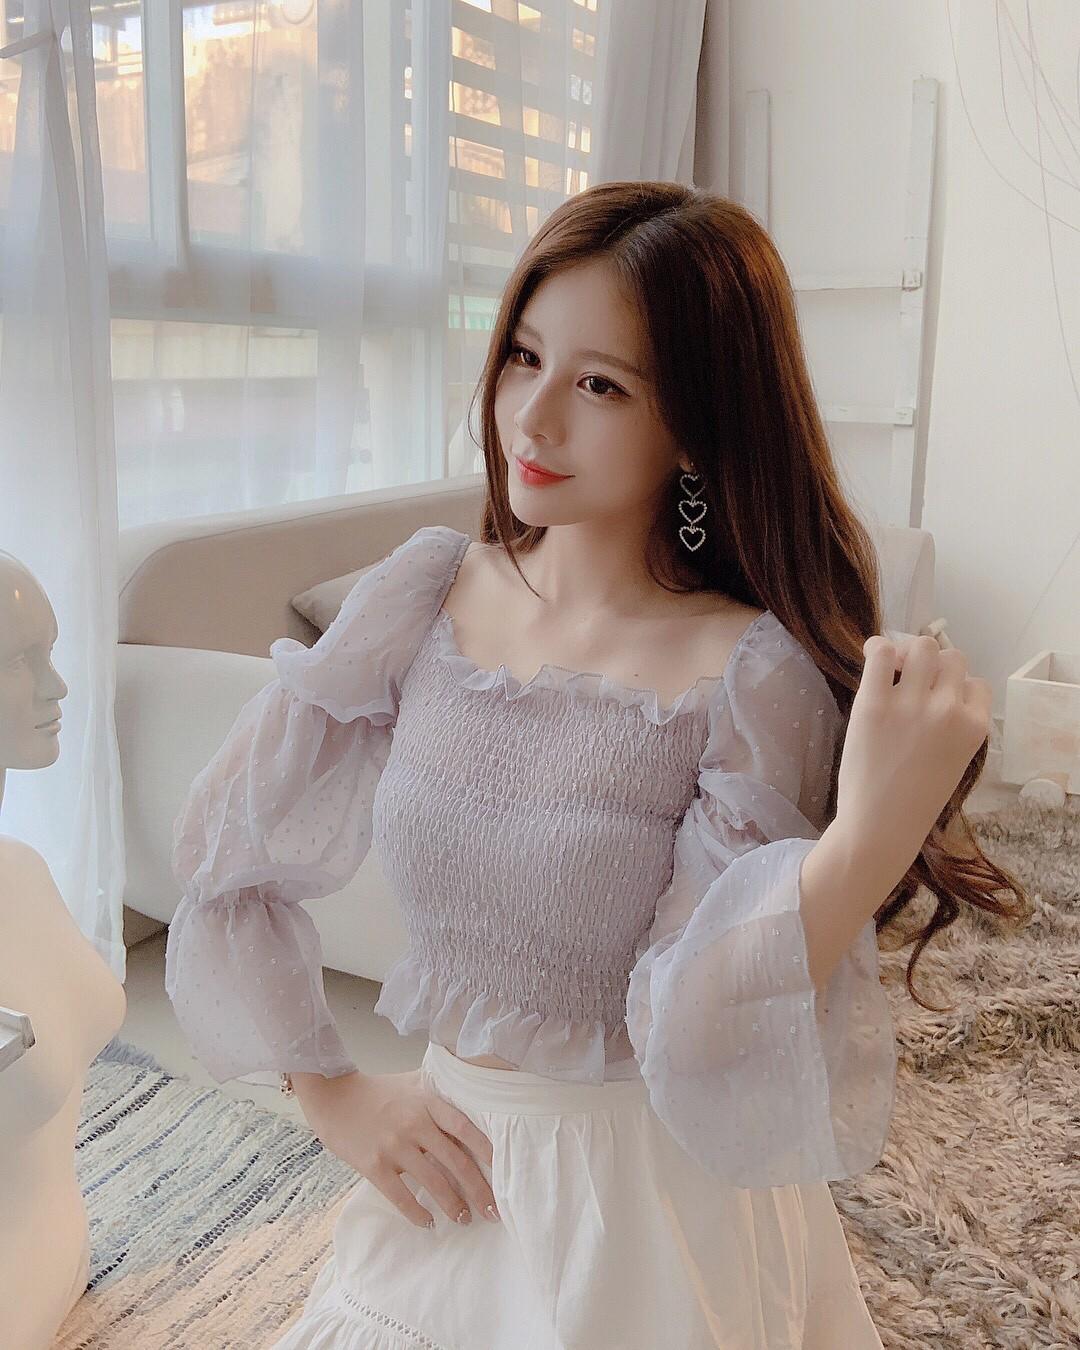 Xem hình selfie quen rồi, girl xinh bị đồn yêu thiếu gia Phan Hoàng bỗng là lạ trong ảnh bị tag - Ảnh 3.